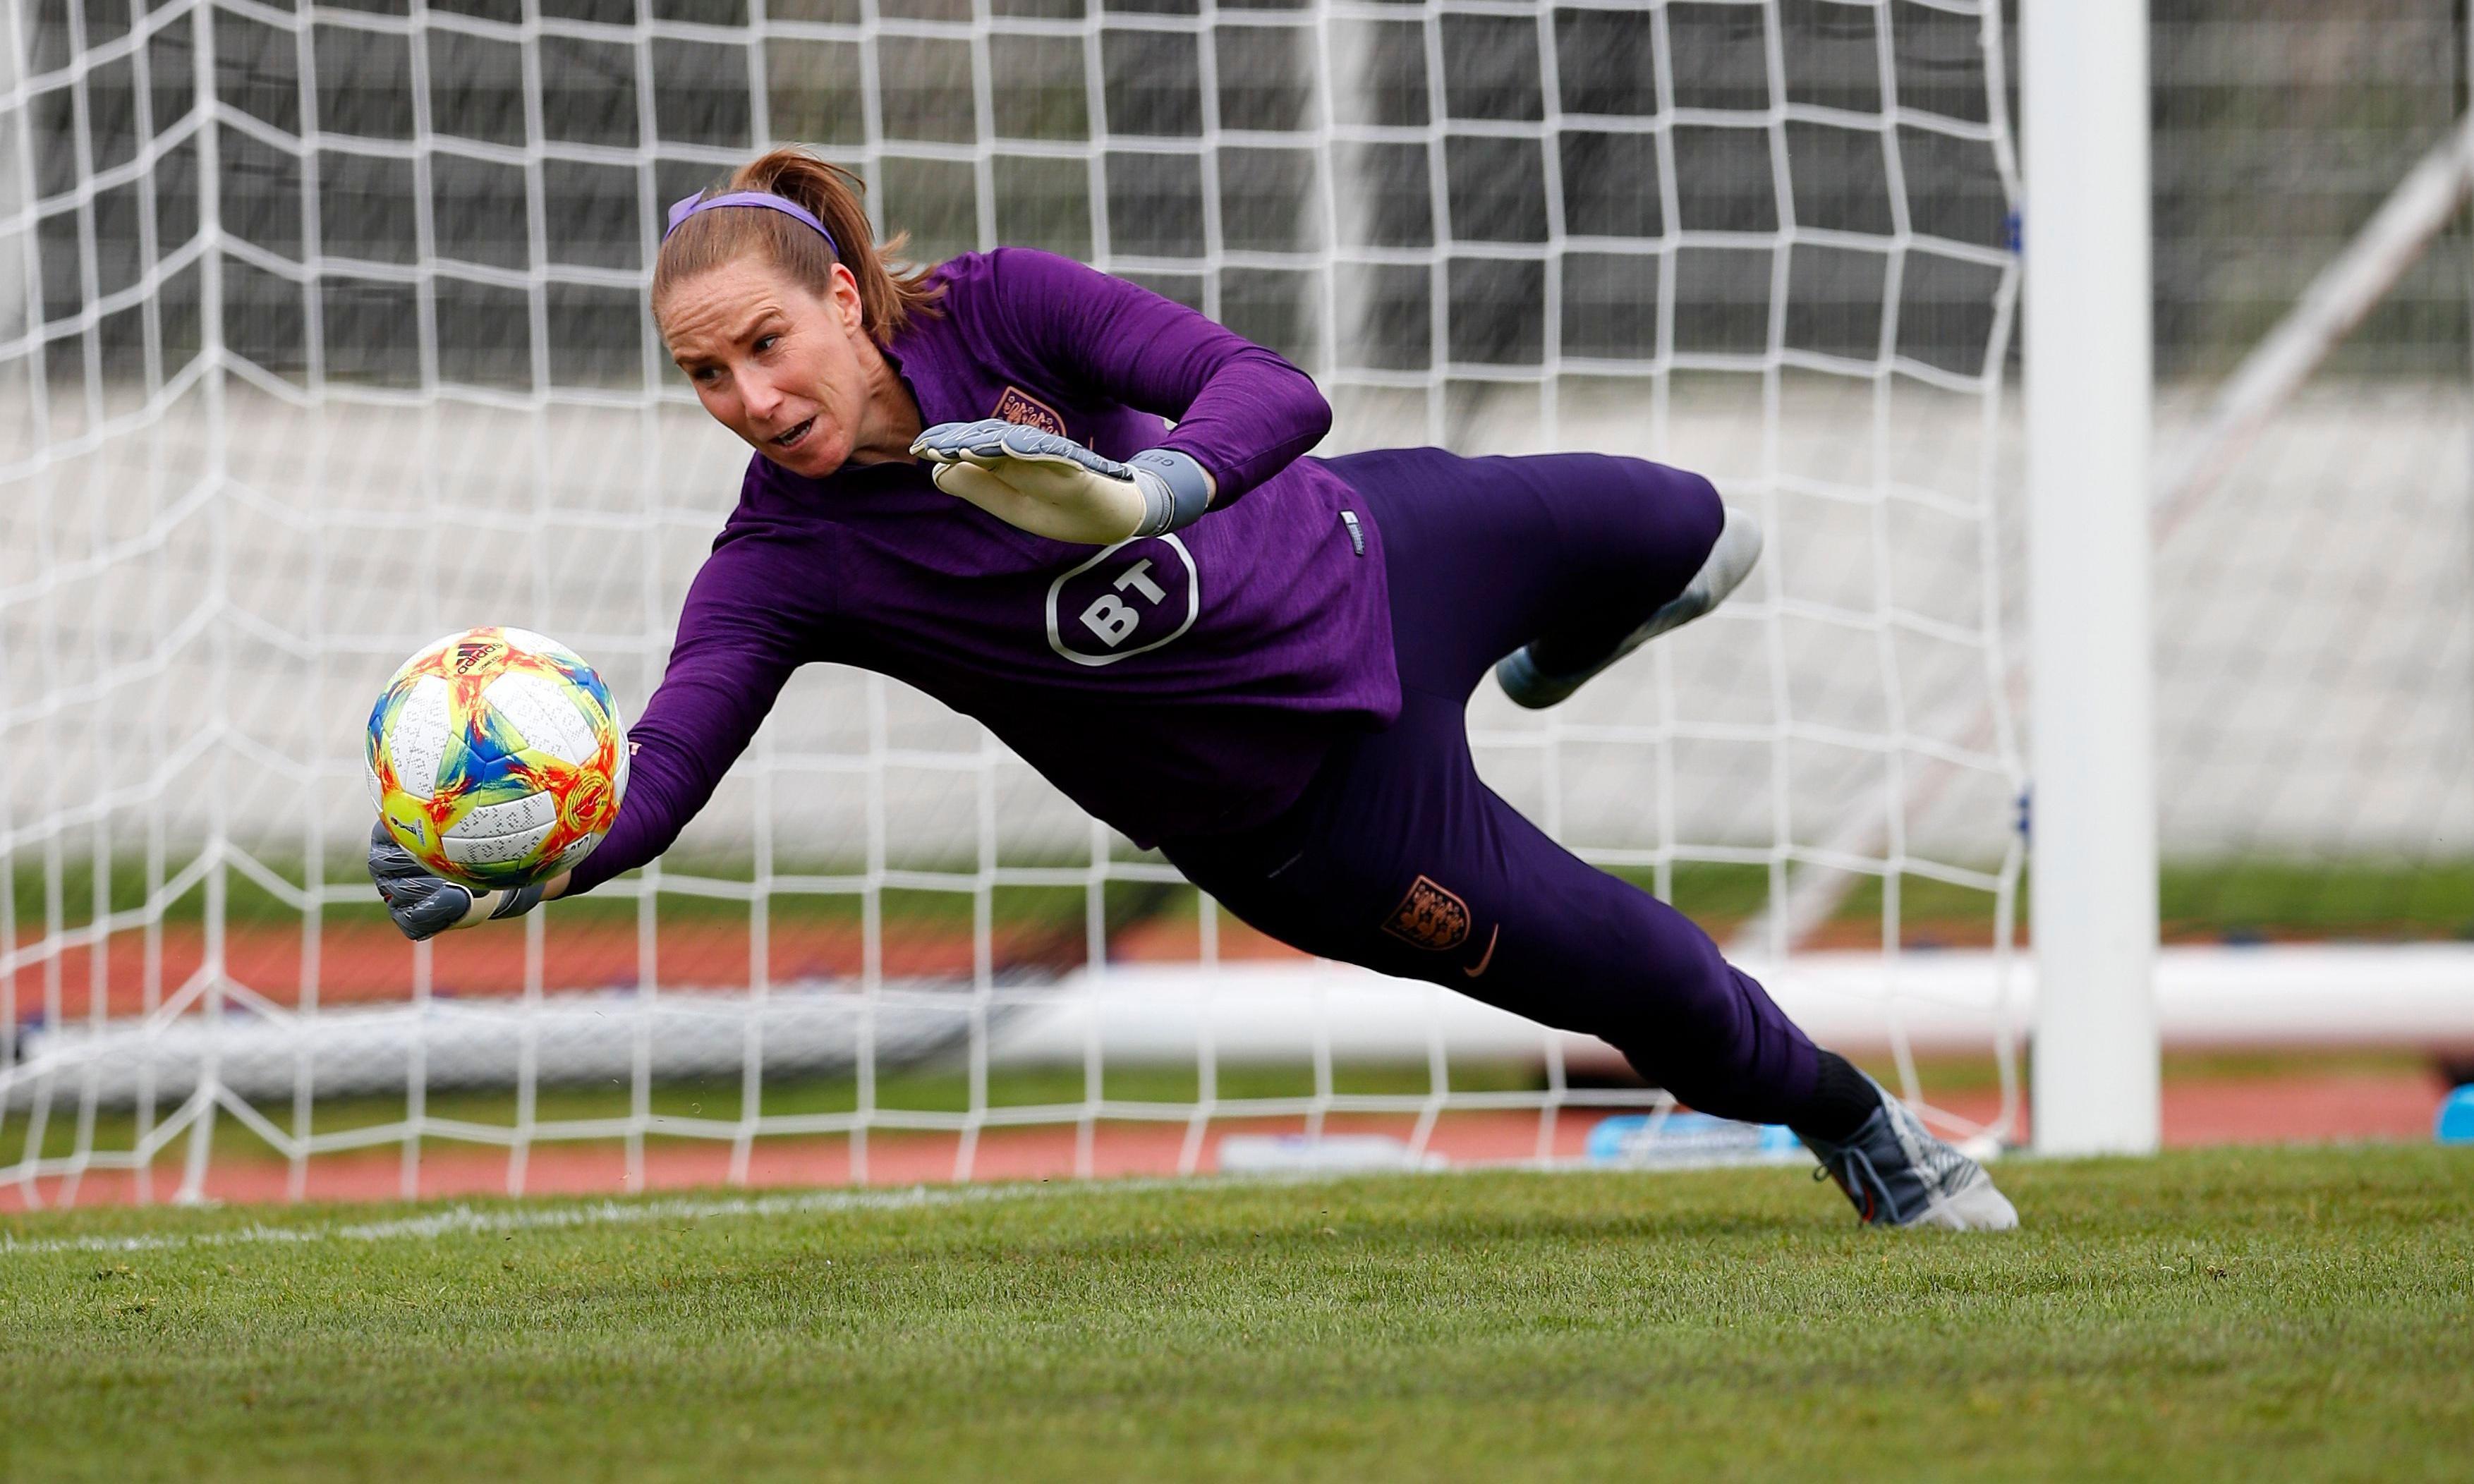 England's Karen Bardsley says mixed teams at academies is the way forward